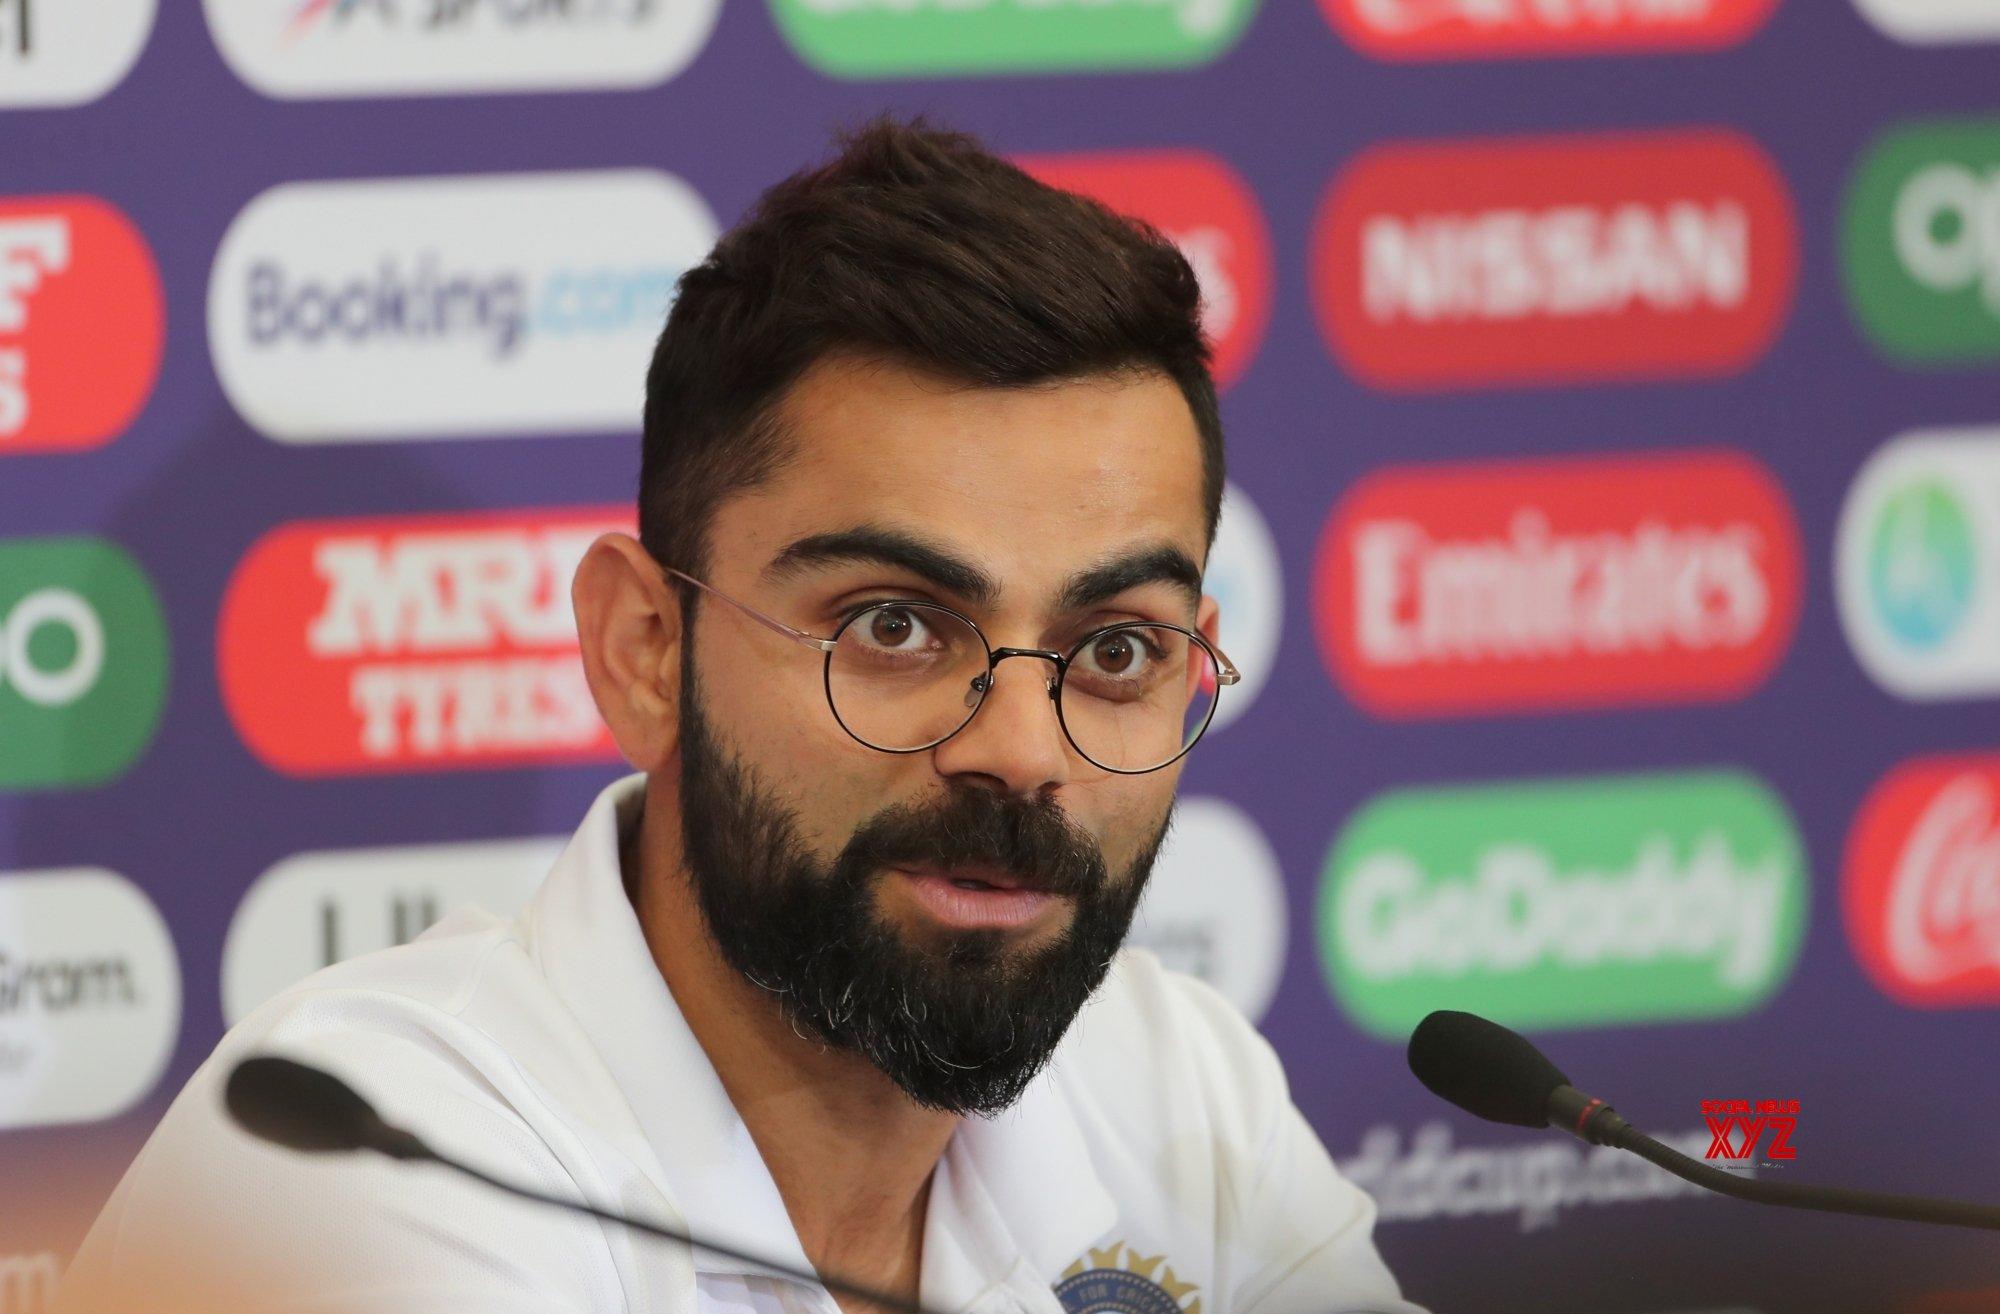 2014 Adelaide Test an important milestone for Team India: Kohli